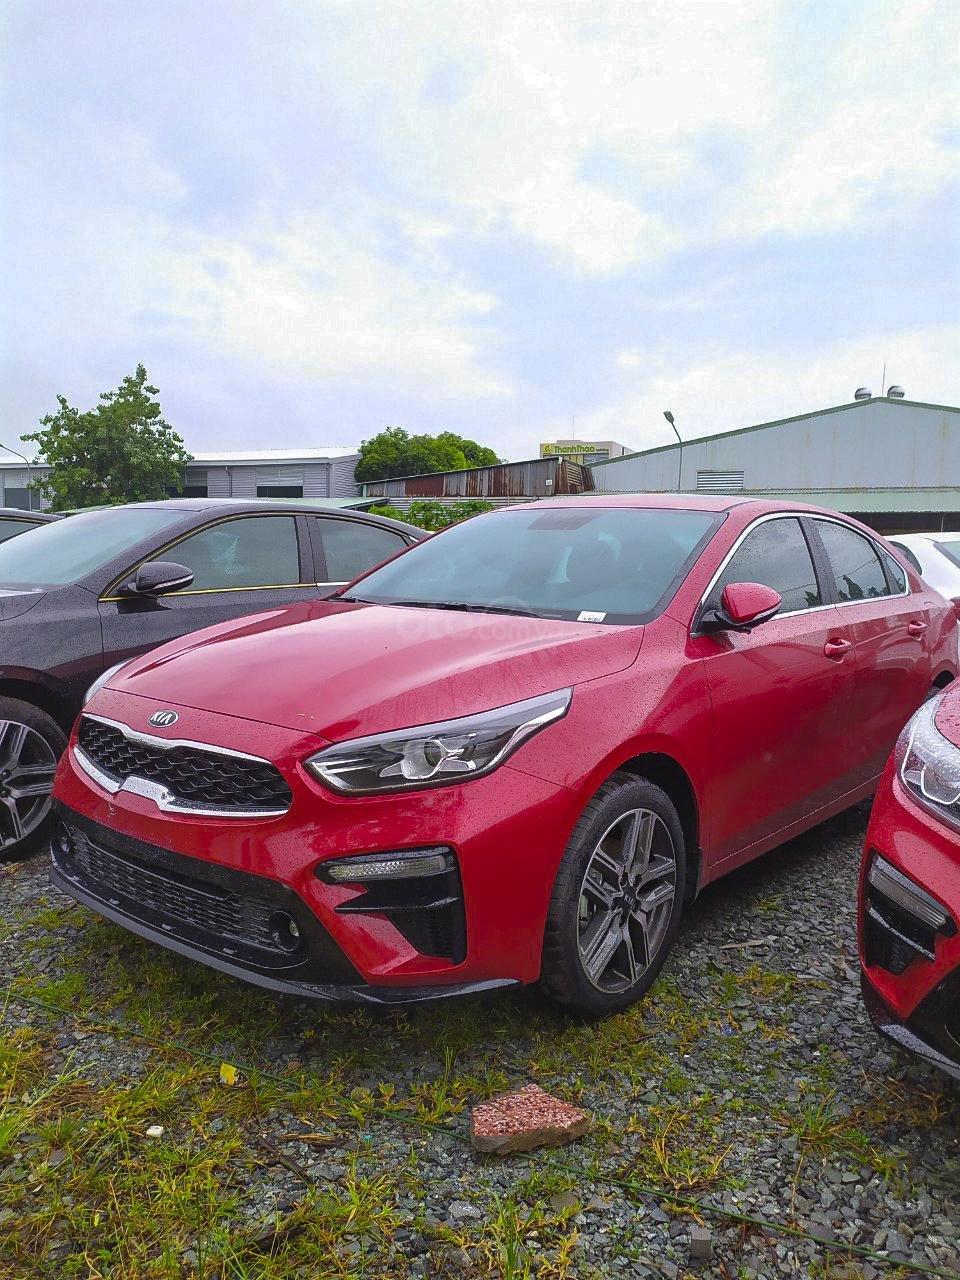 Cần bán xe Kia Cerato 2.0 Premium năm 2019, màu đỏ giá cạnh tranh (15)